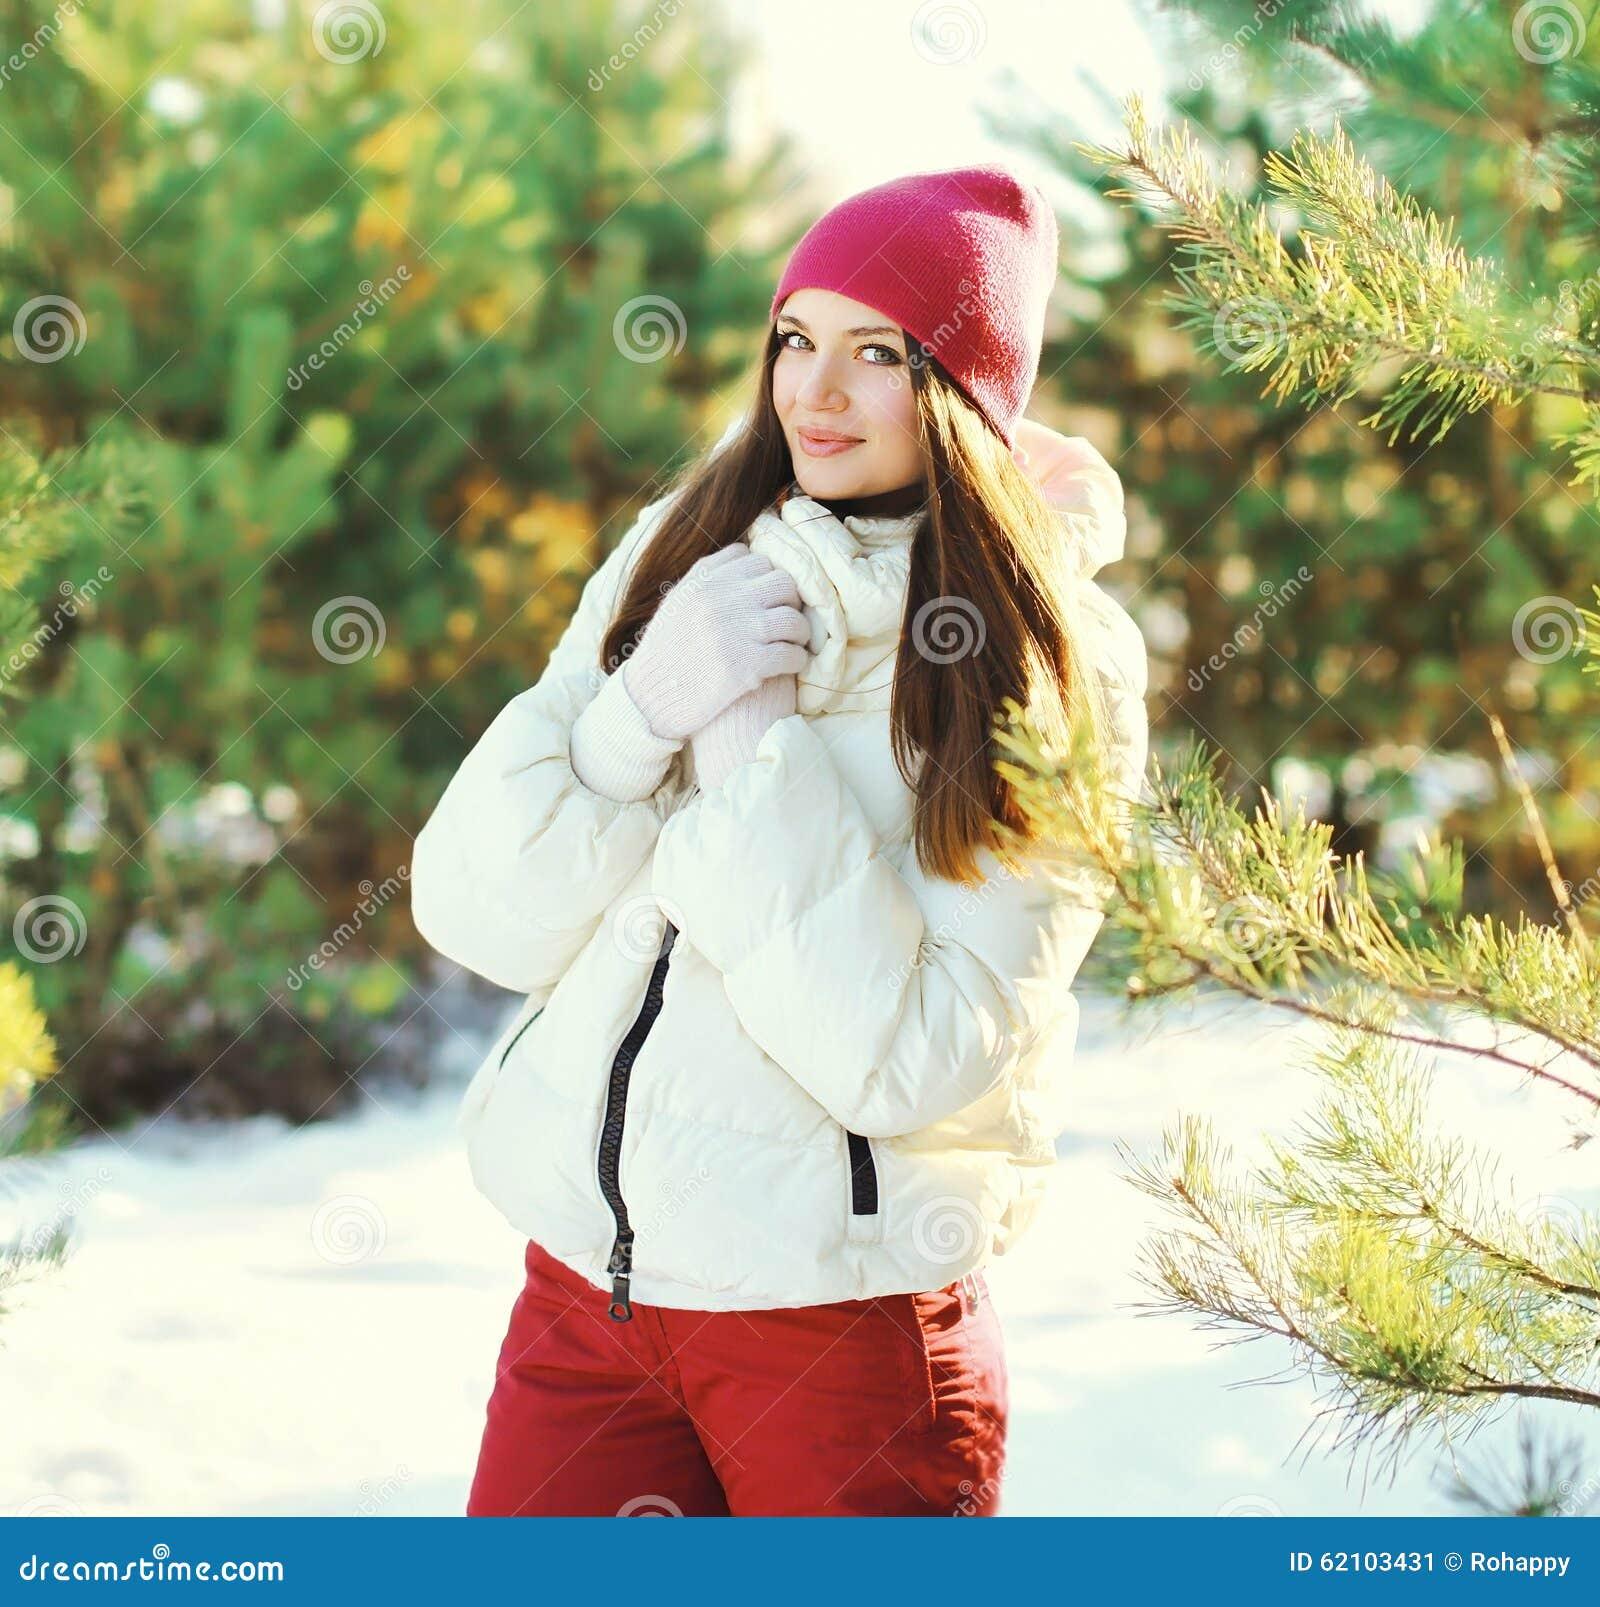 Носить женщины портрета красивый спорт одевает в зиме